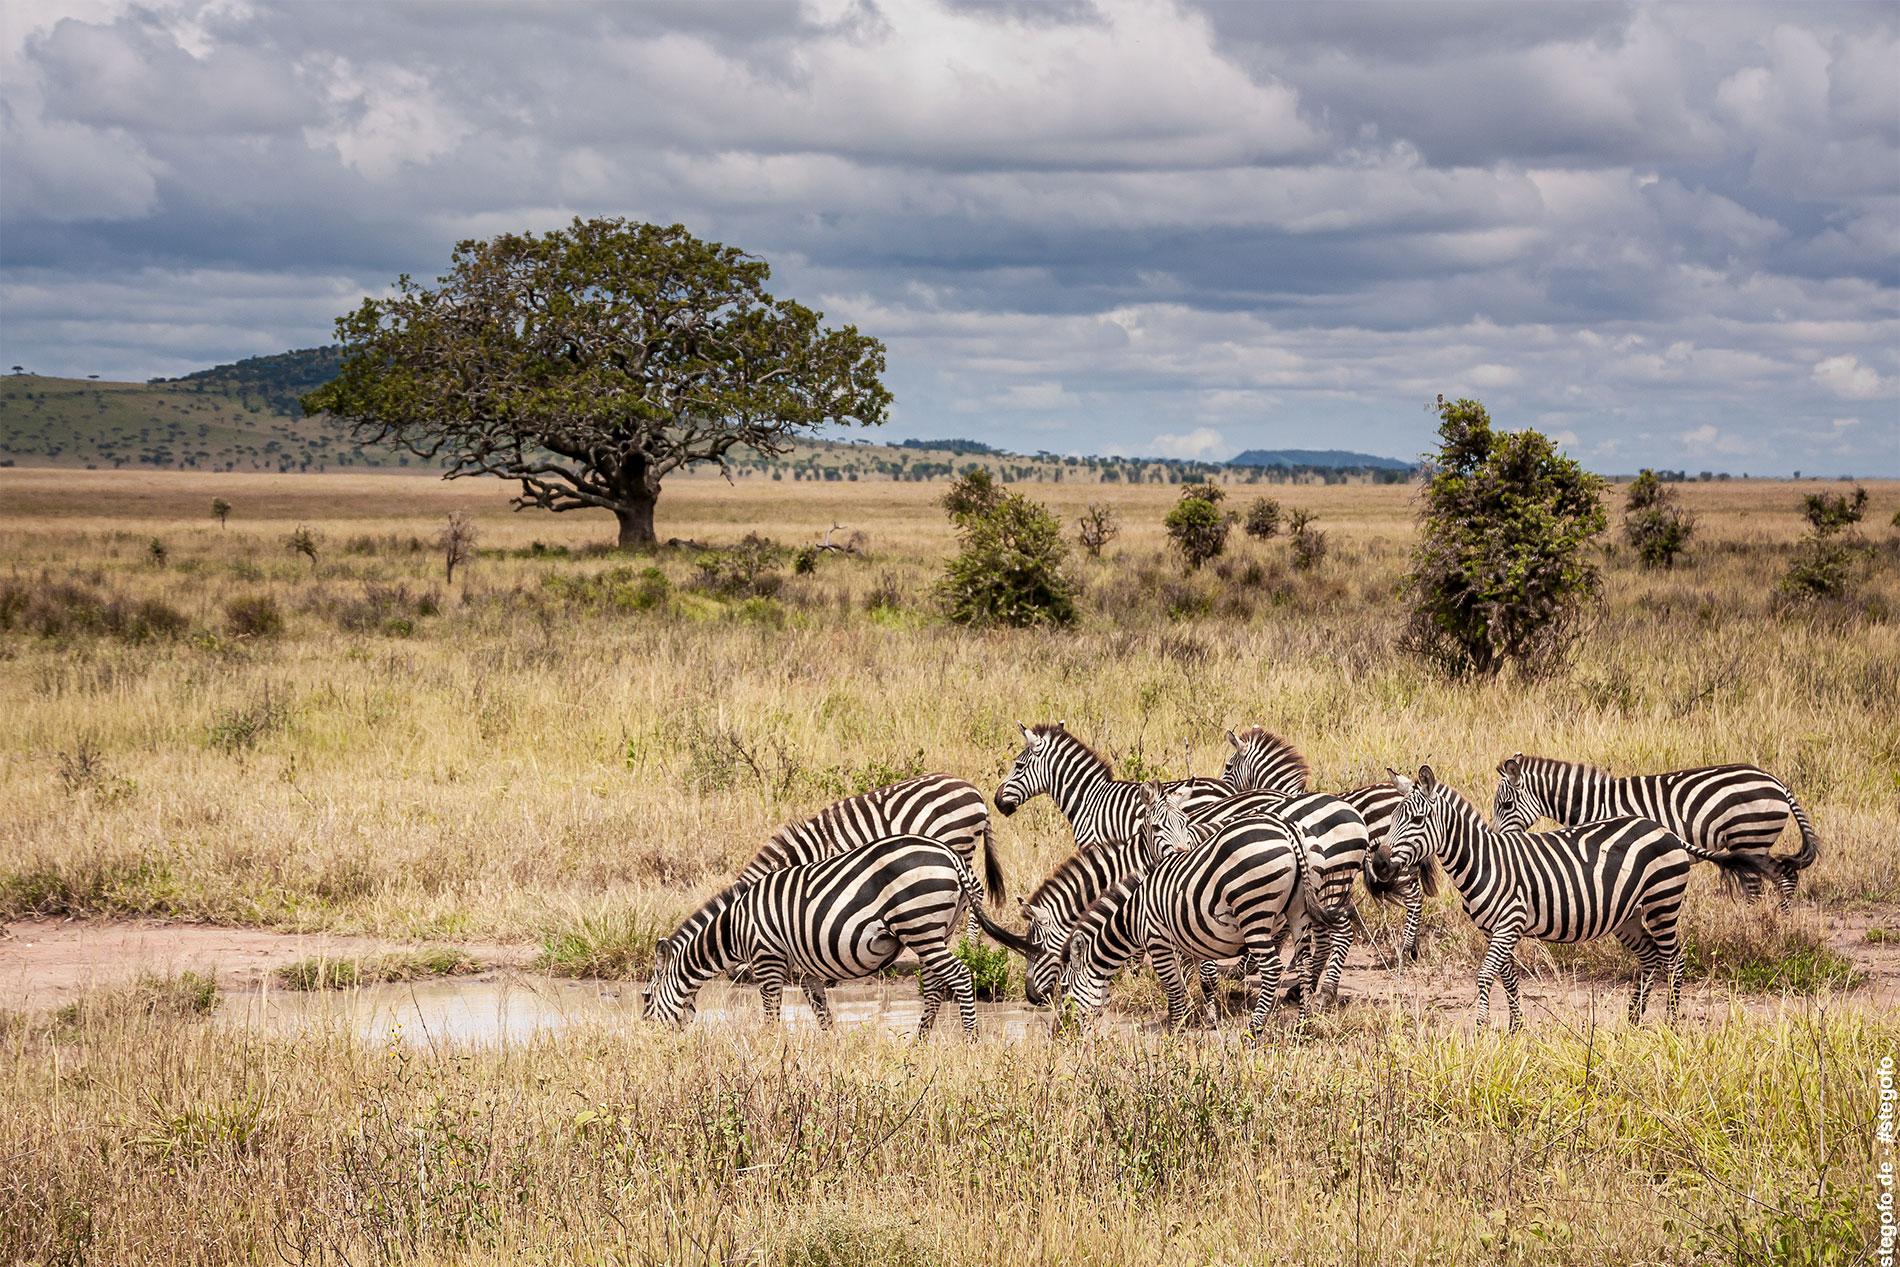 Die Zebras am Wasserloch - Serengeti Nationalpark - 02.2019